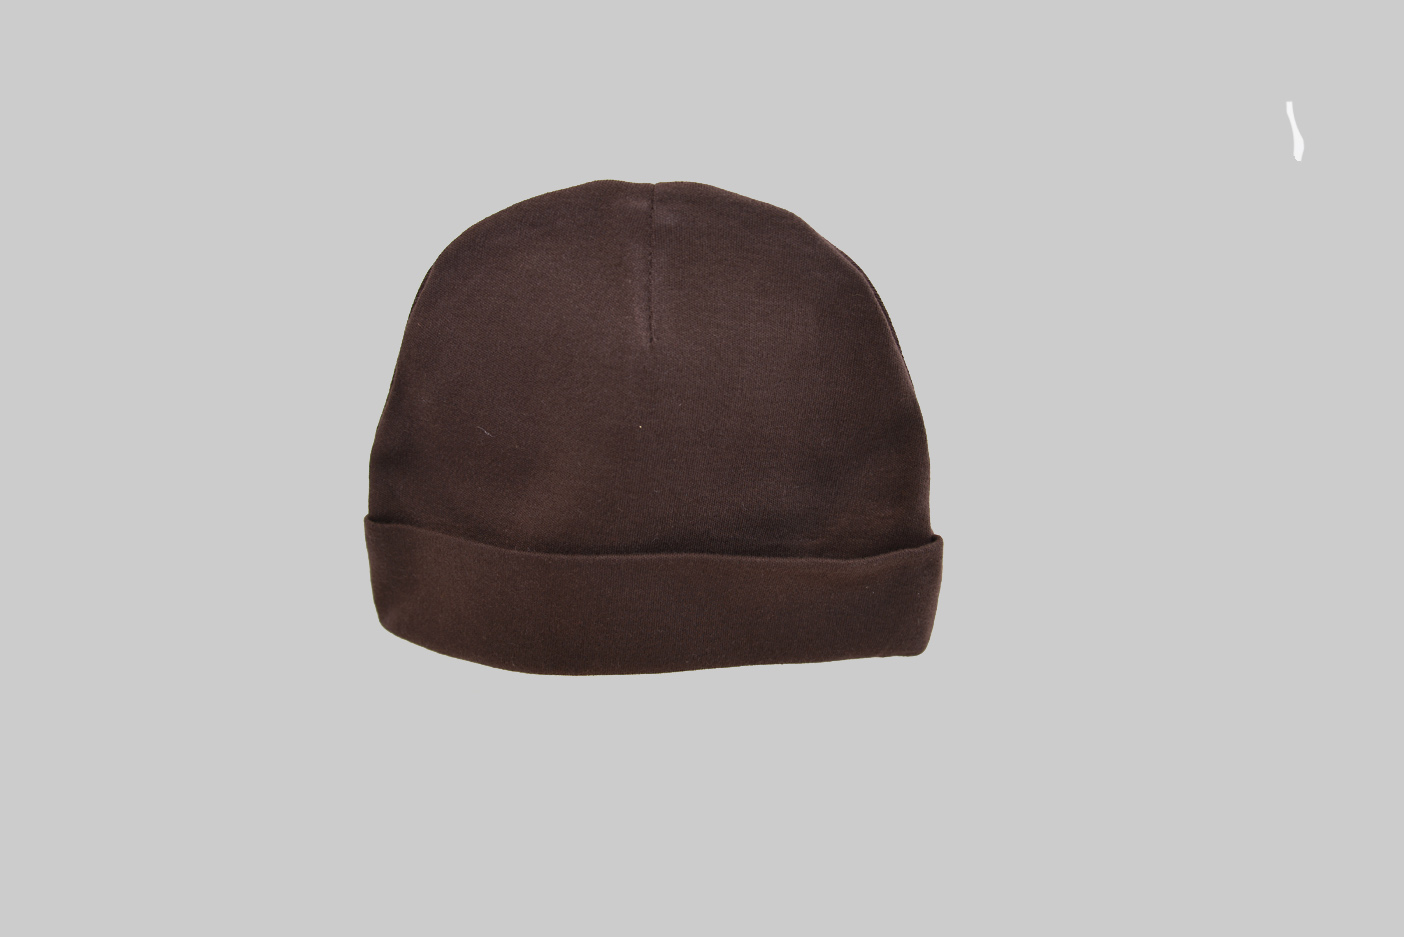 Brown baby cap